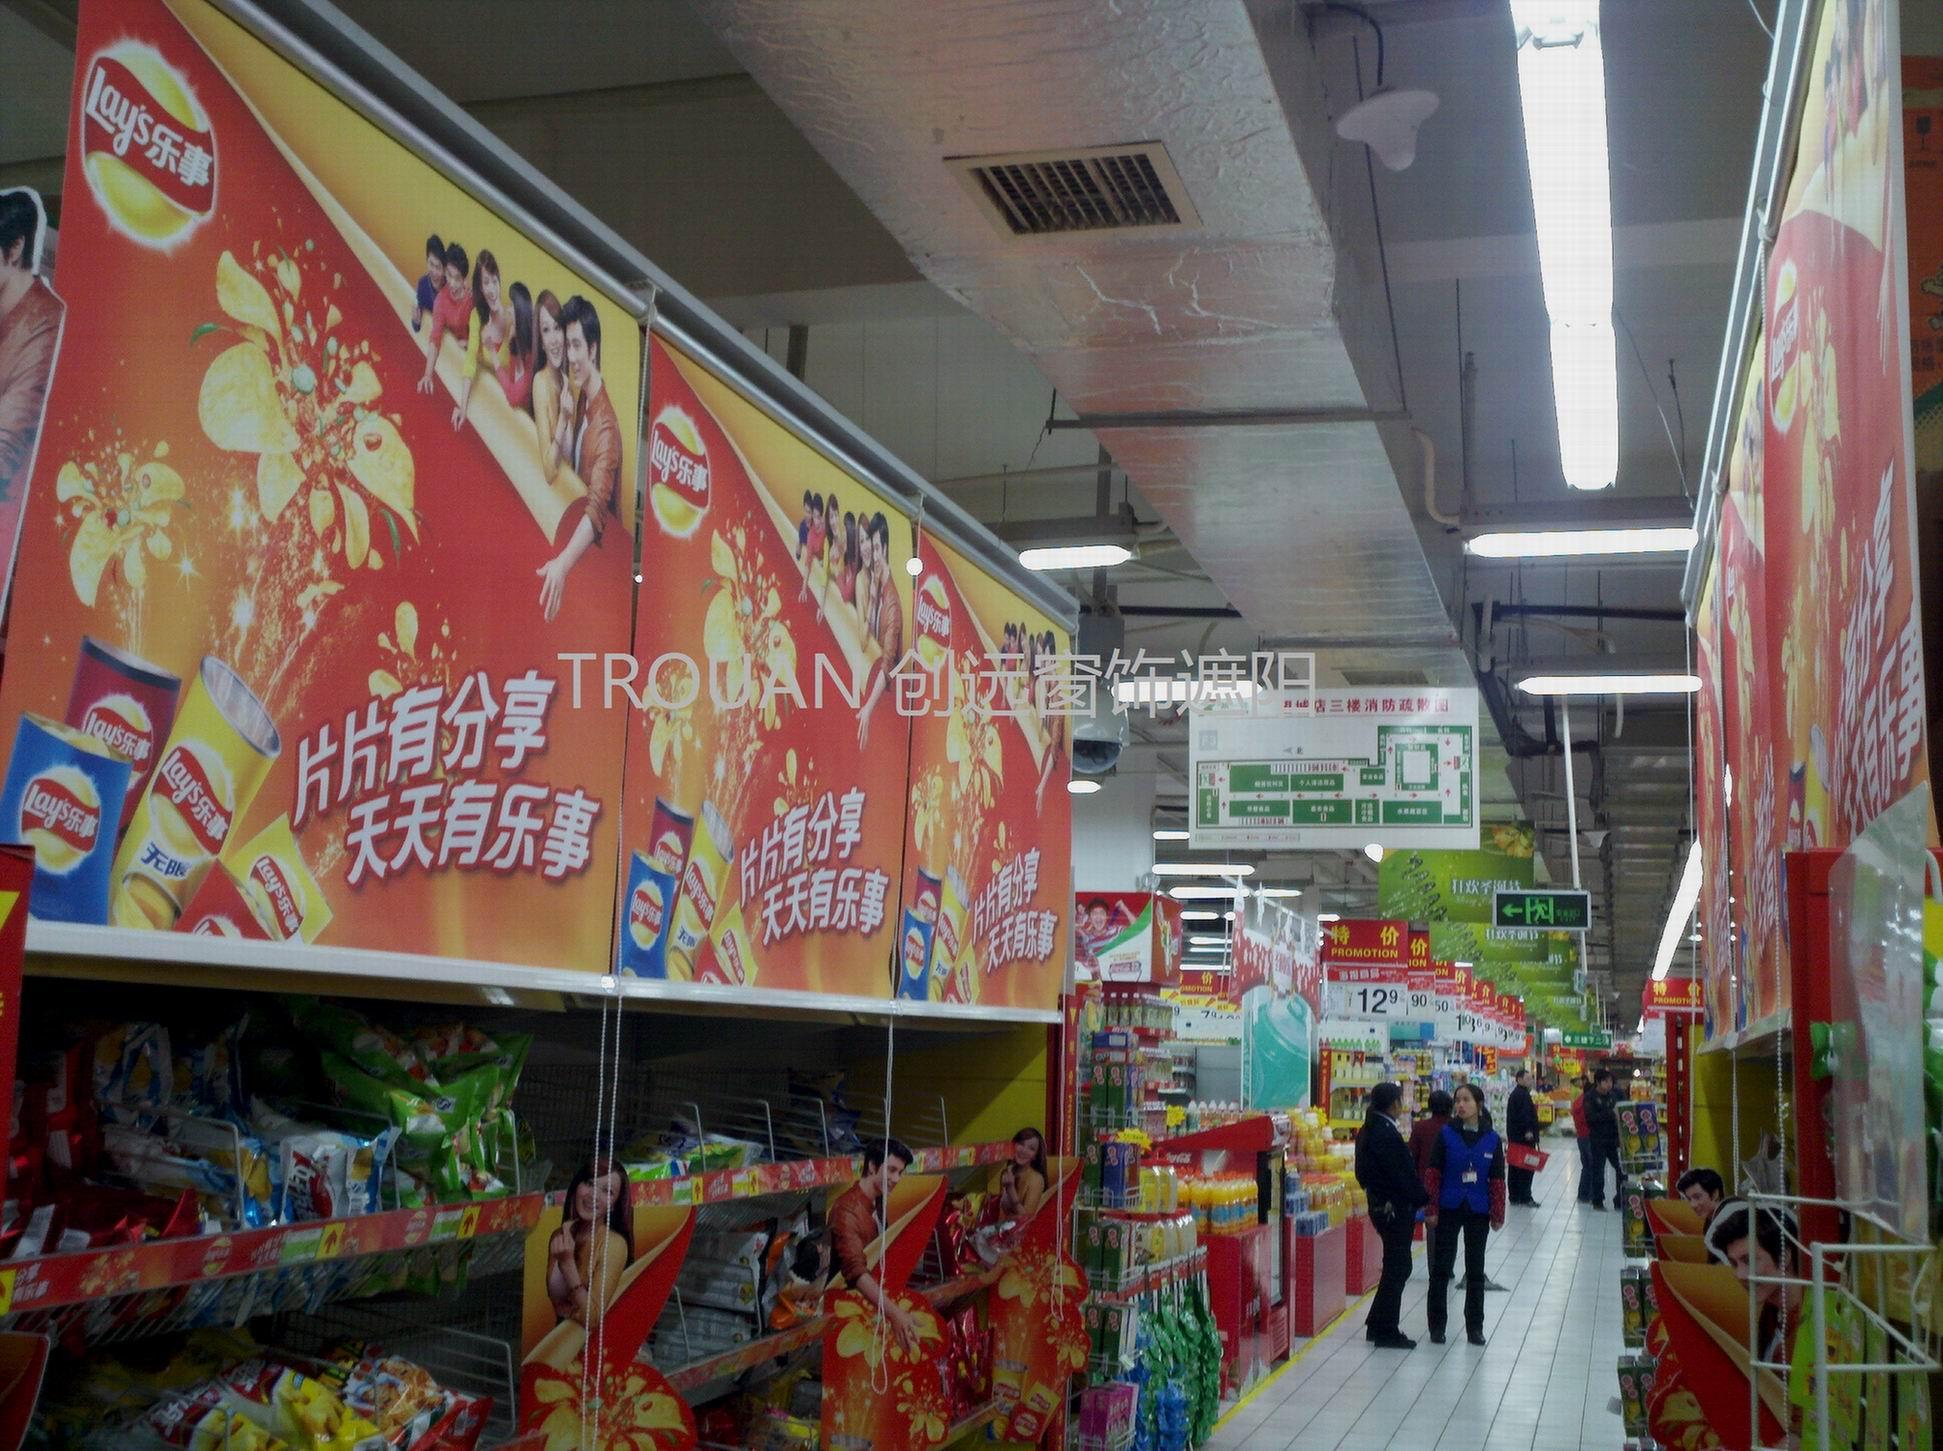 新一佳长沙南郊、通程、车站、五一路、望城、星沙店促销广告工程